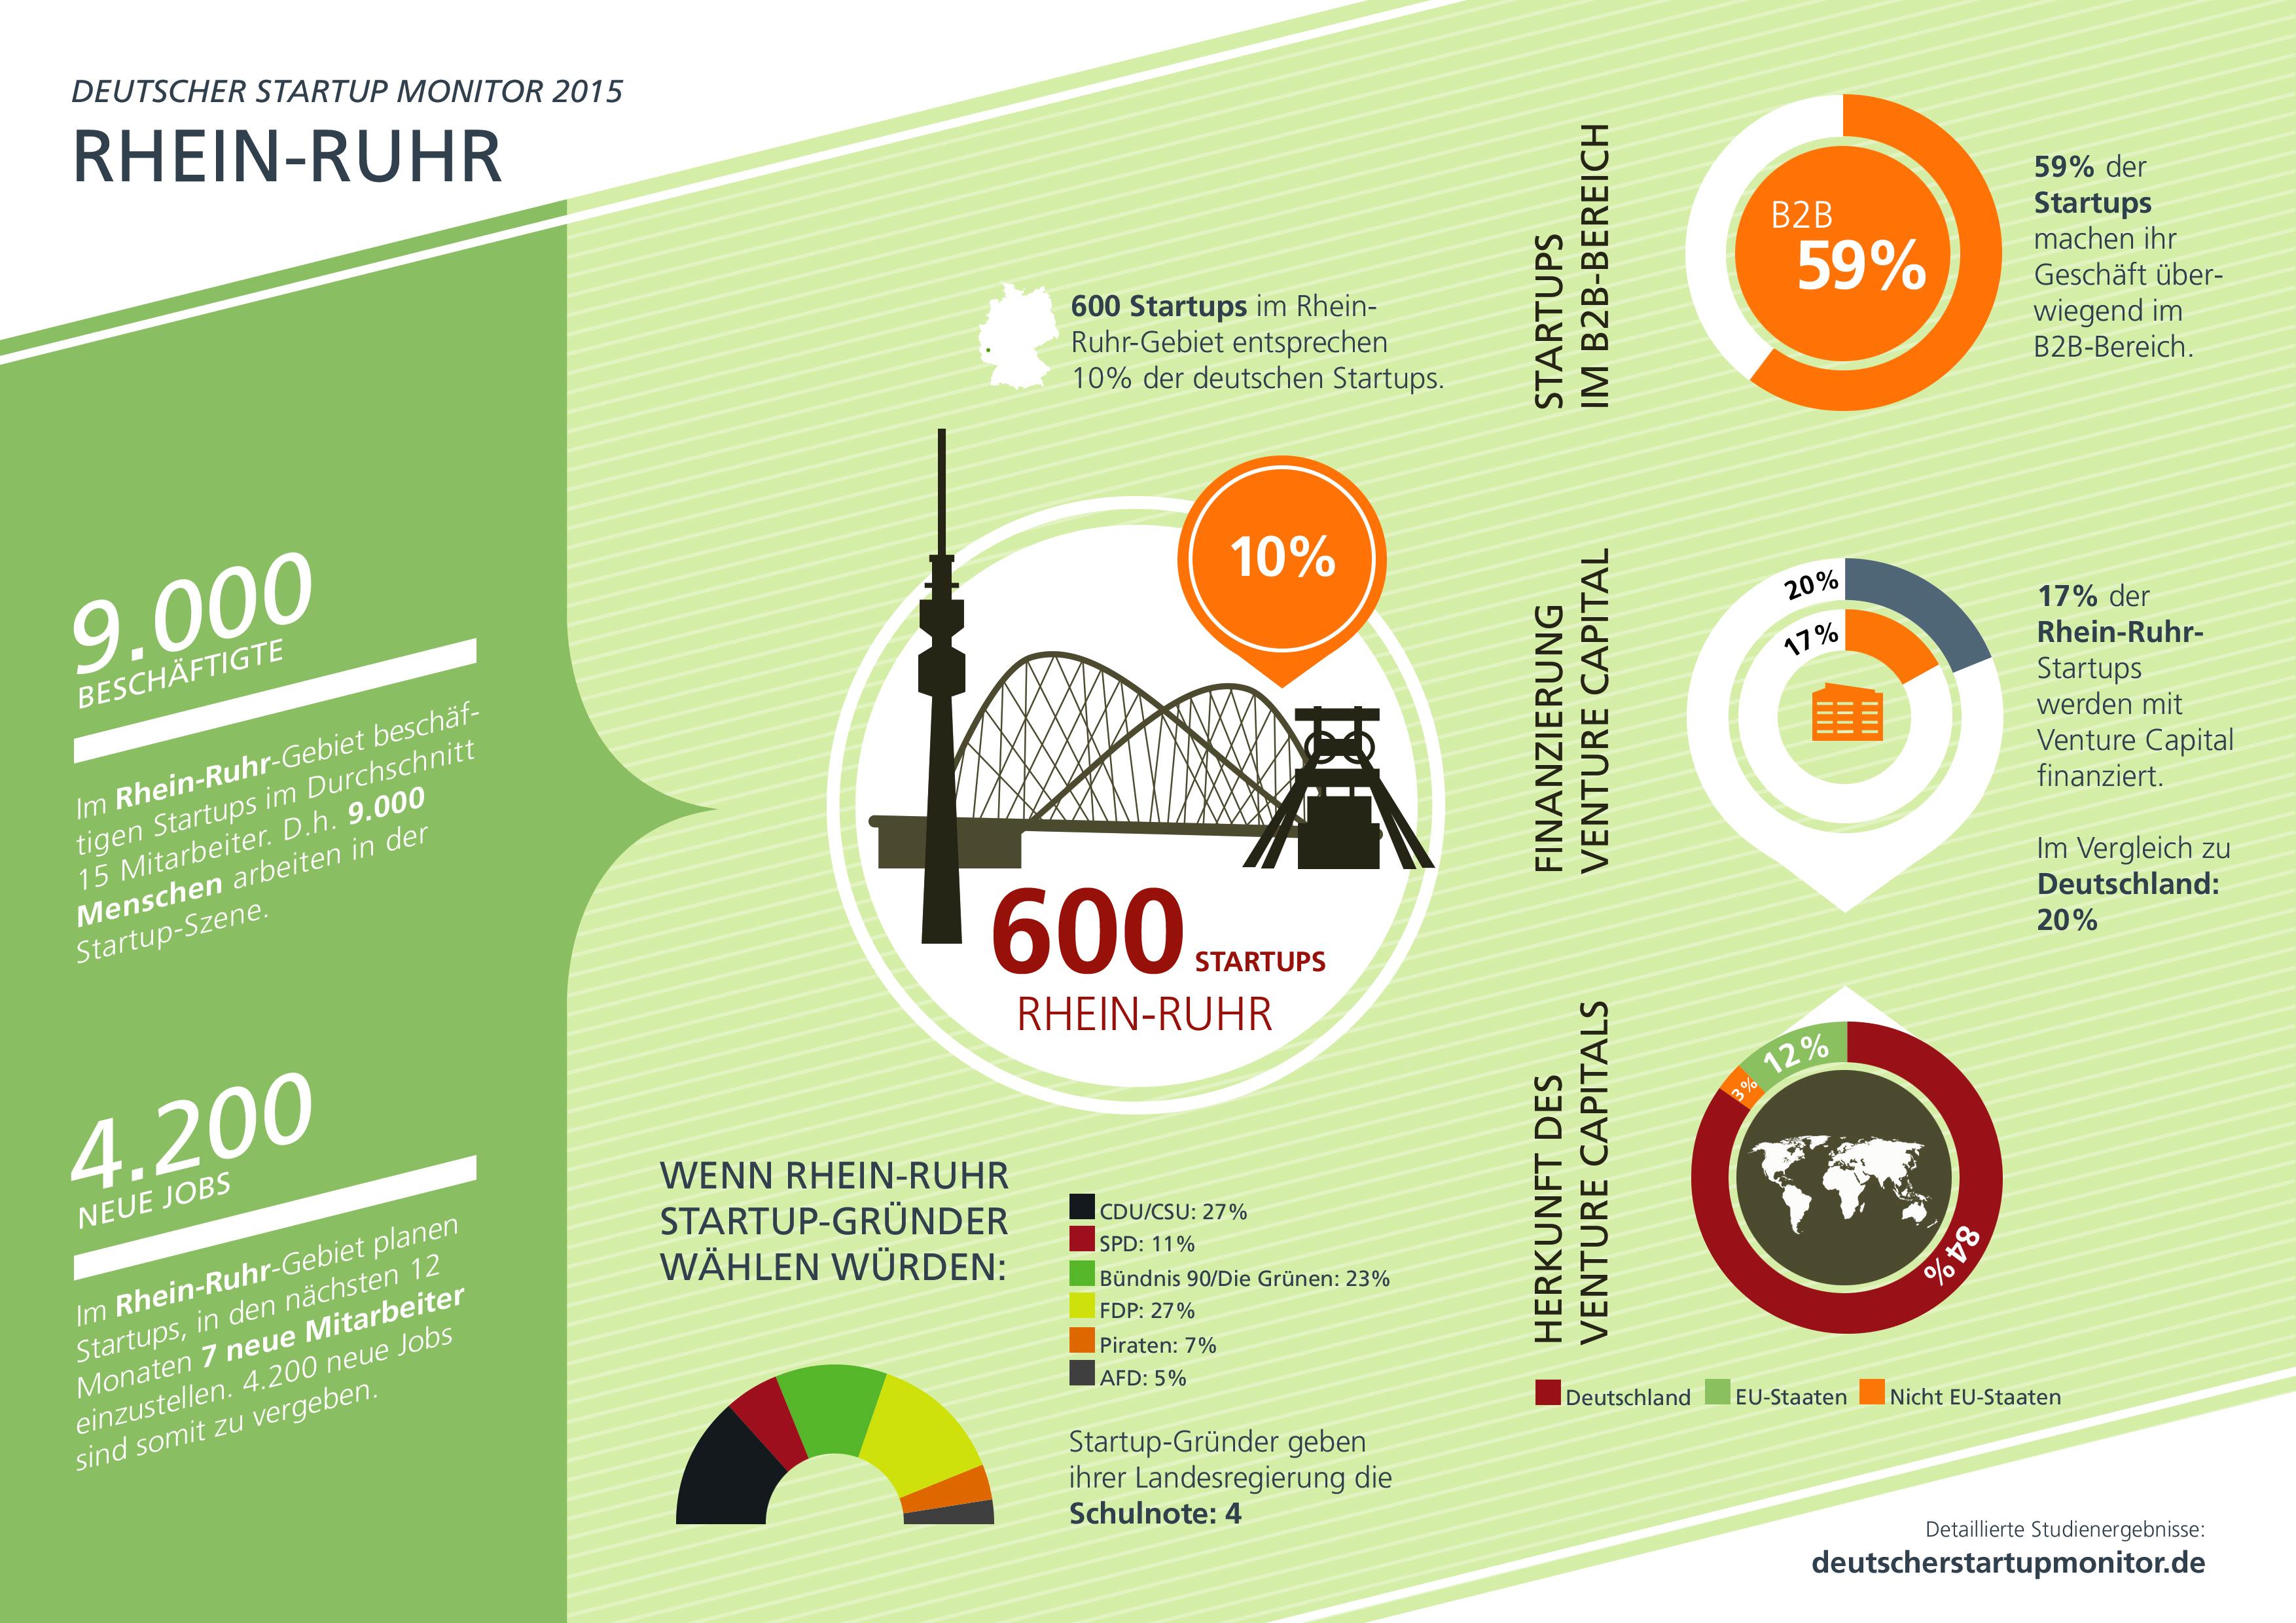 Startups RheinRuhr 2015